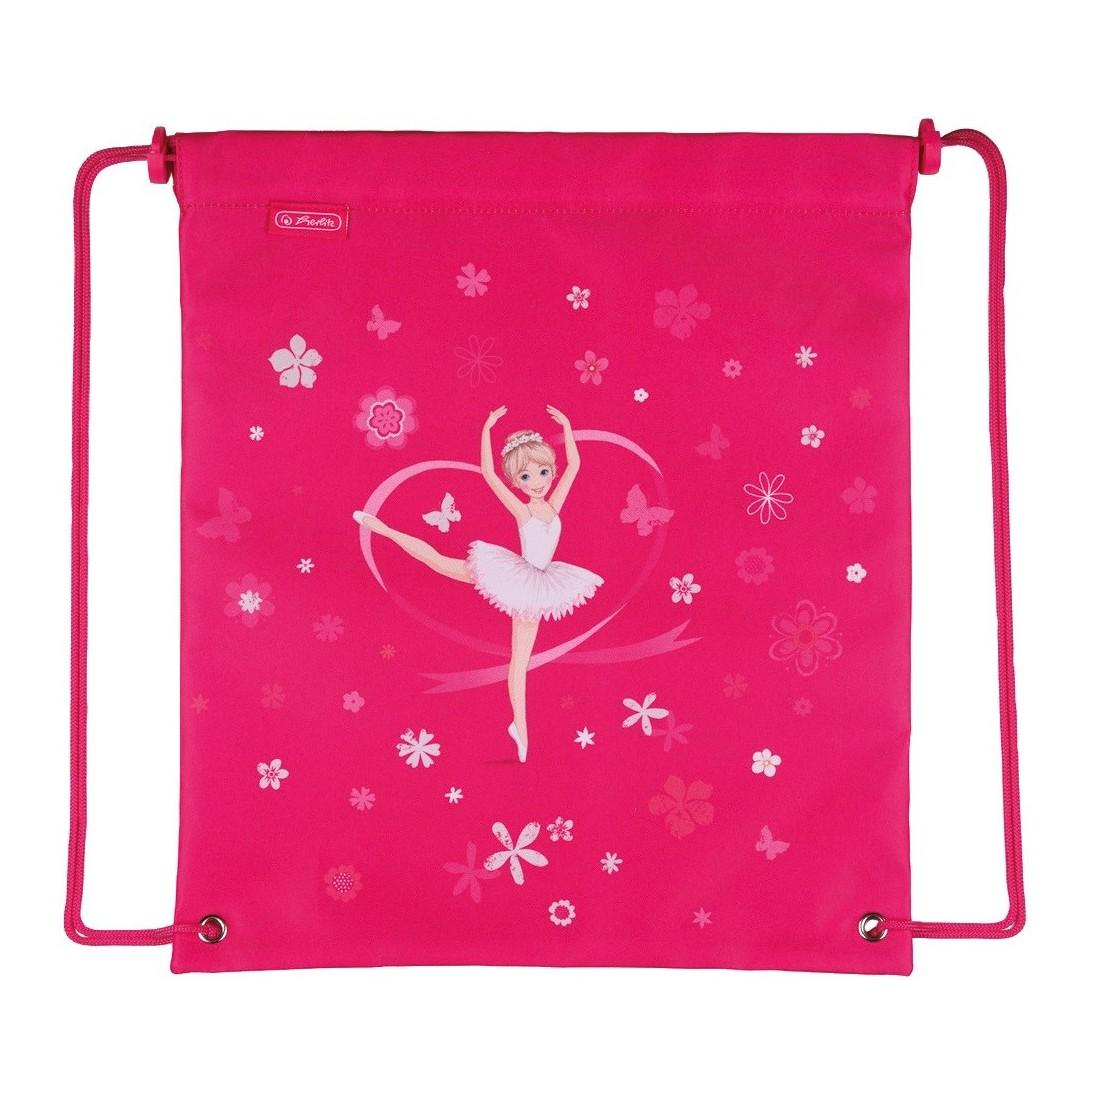 Zestaw Herlitz Smart 3el. Ballerina Baletnica - plecak-tornister.pl